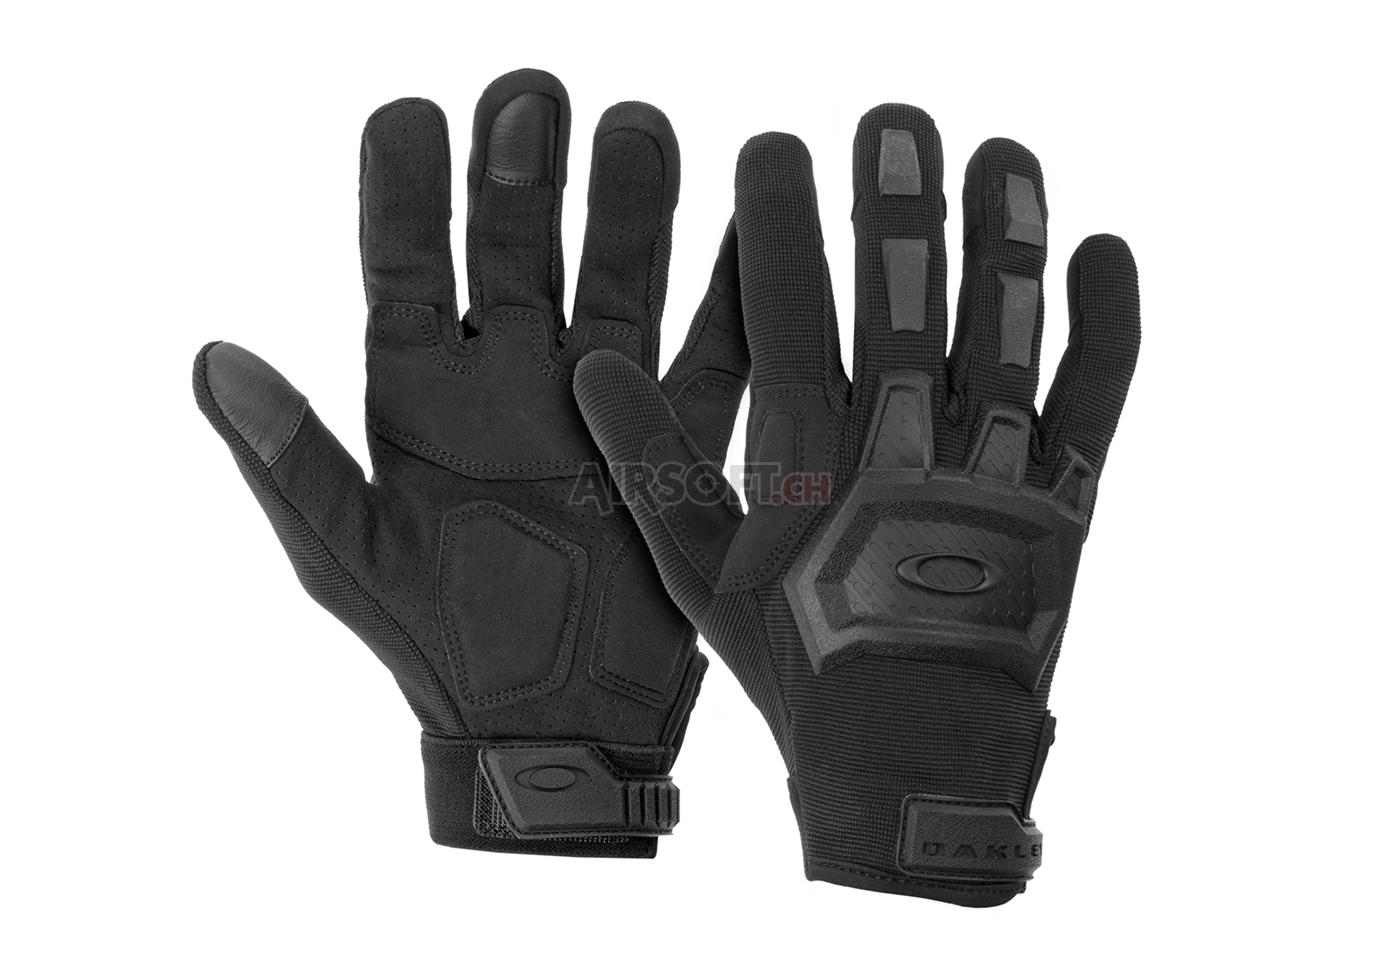 fb0a4cdf560 SI Flexion Gloves Black (Oakley) XL - Gloves - Garments - airsoft.ch ...